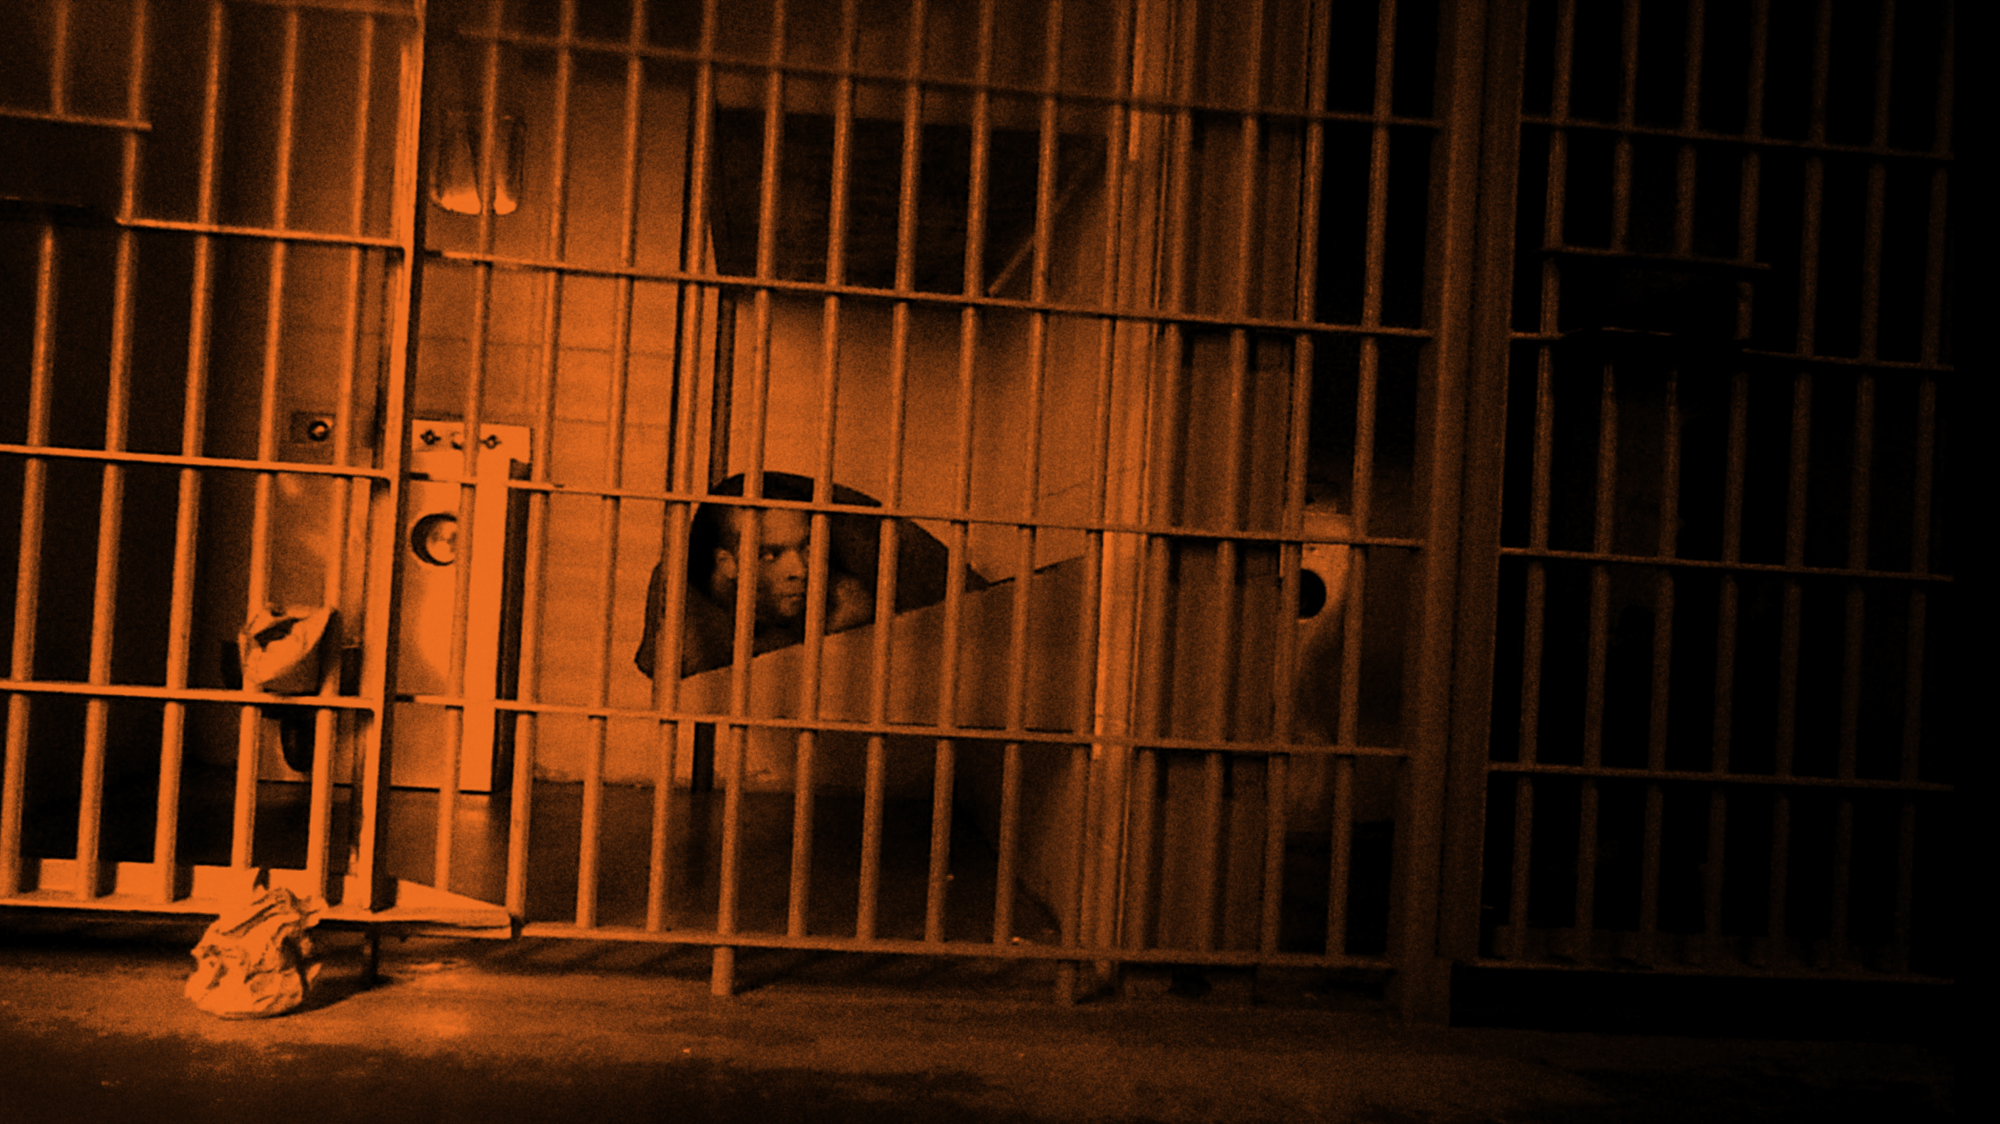 Prison bitch aint so tought